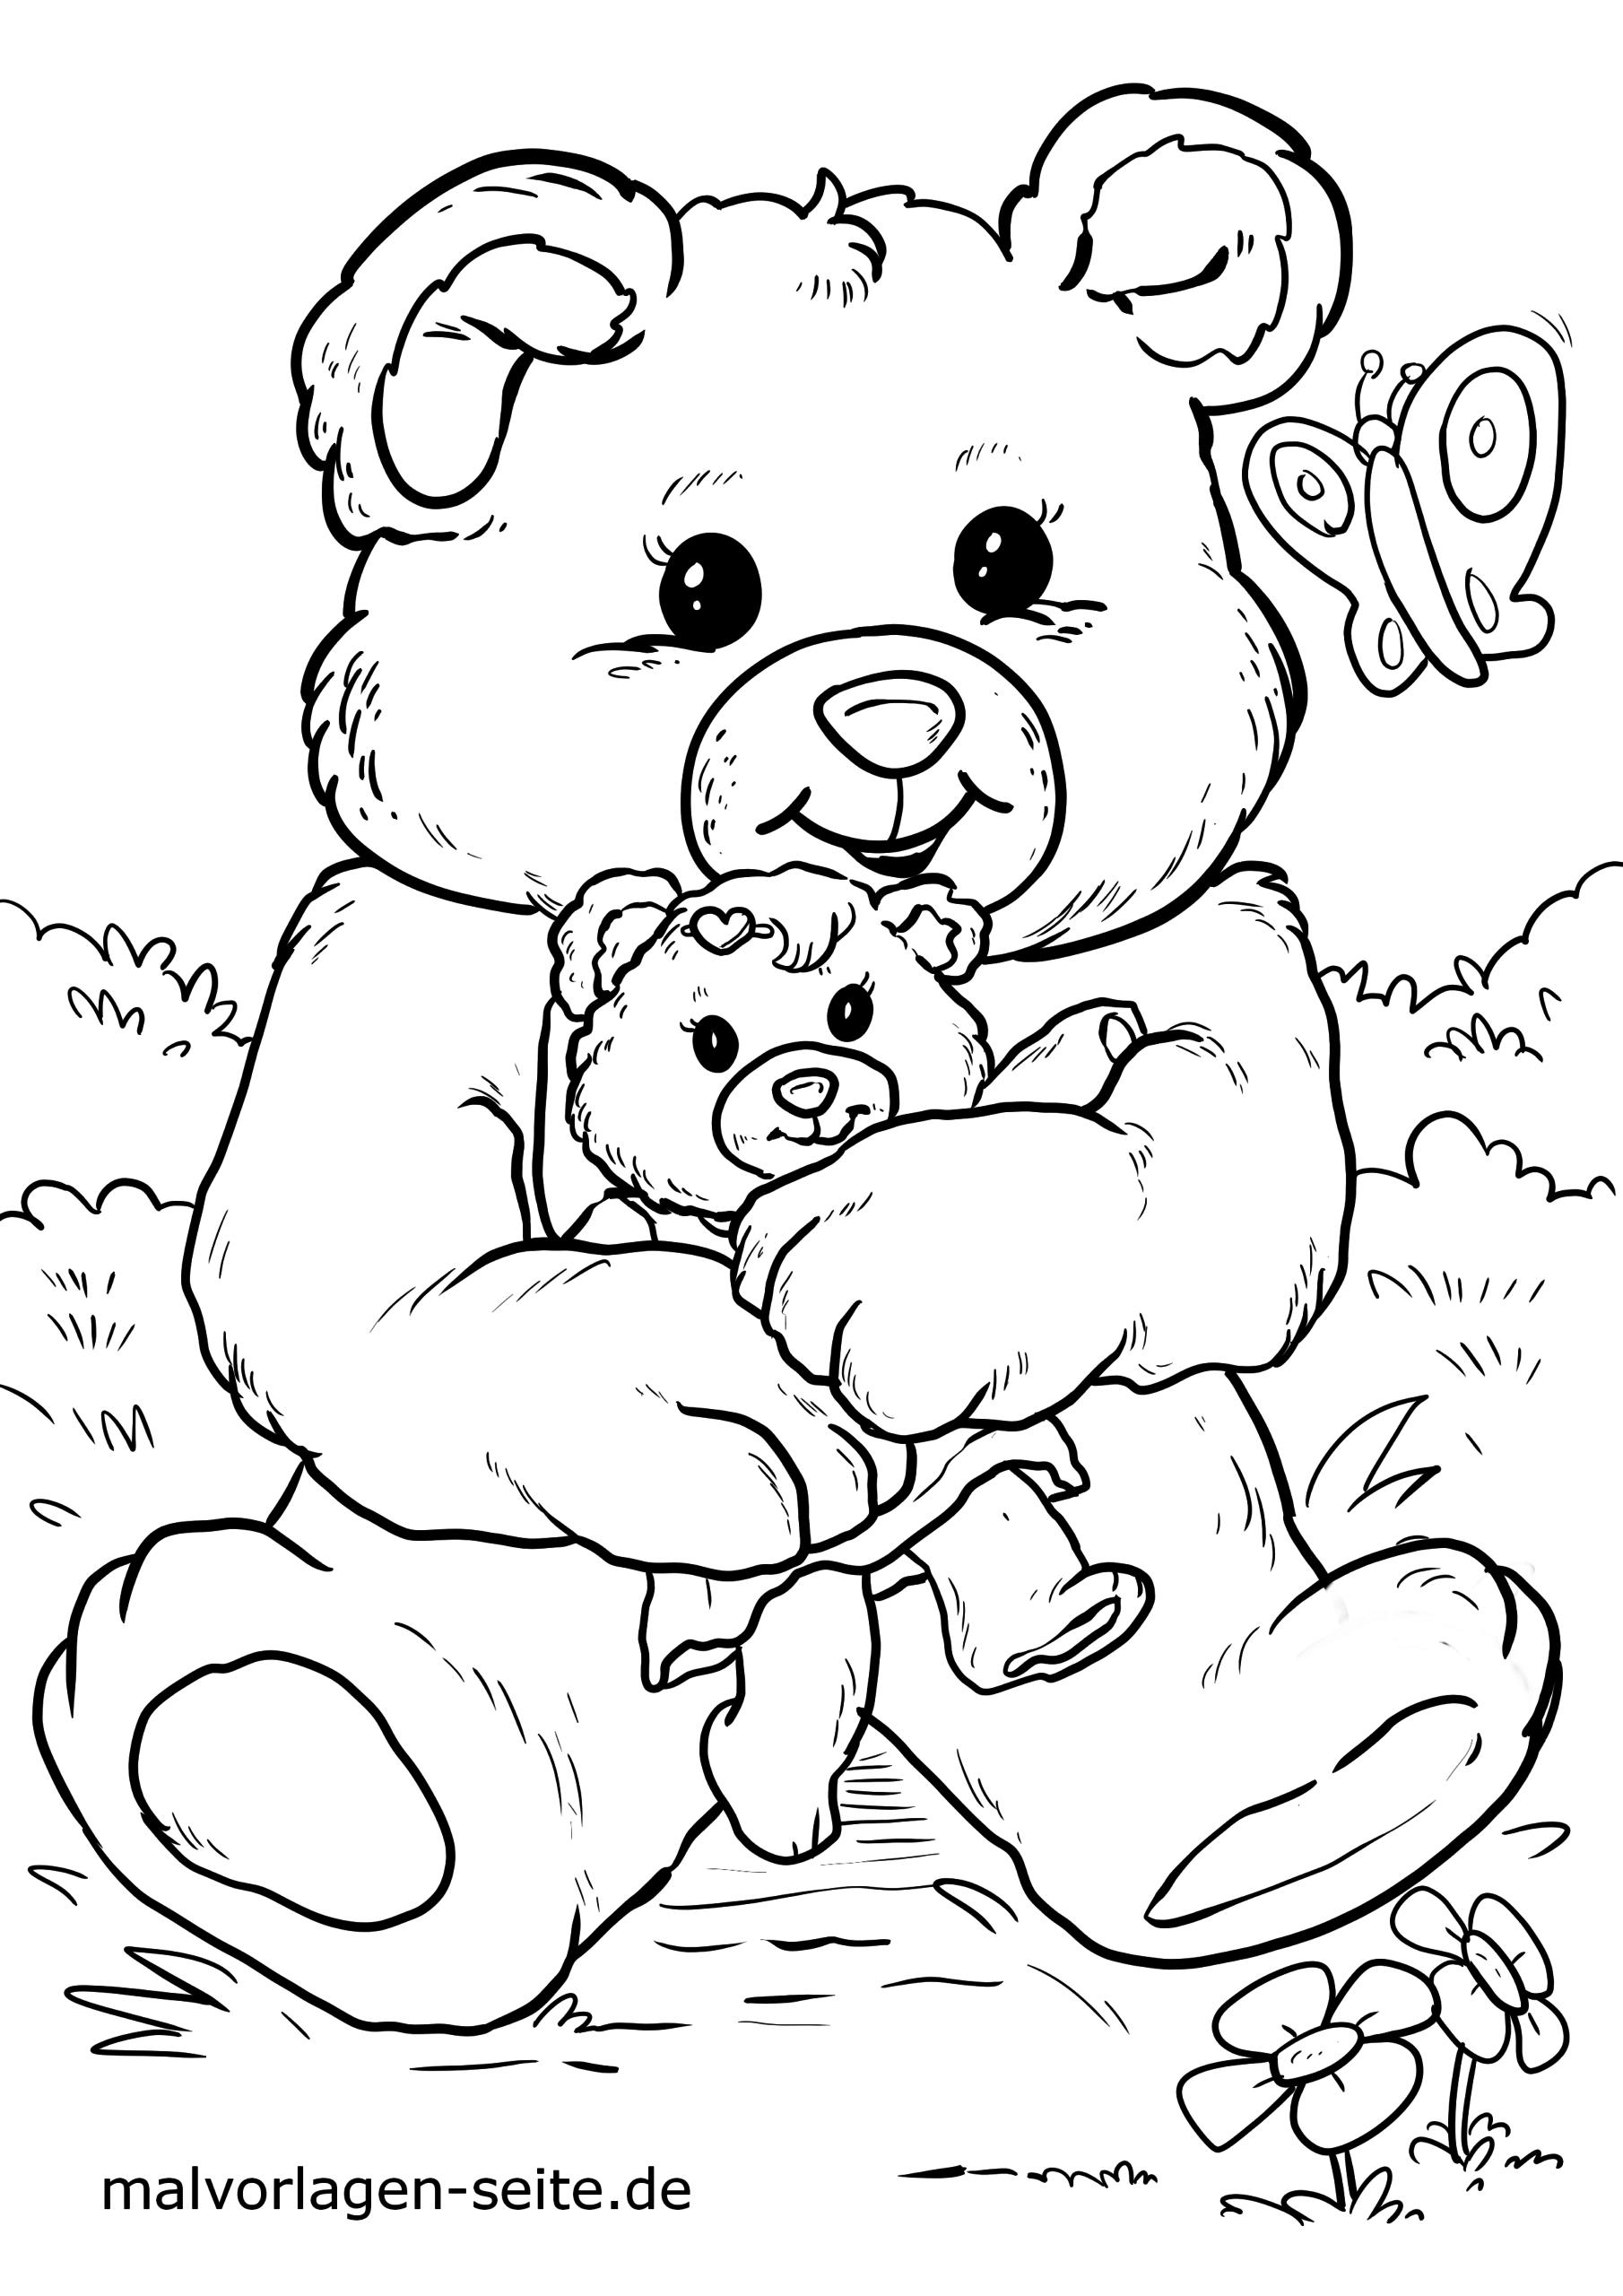 Malvorlage Teddybär | Kinder - Ausmalbilder Kostenlos innen Teddybär Malvorlage